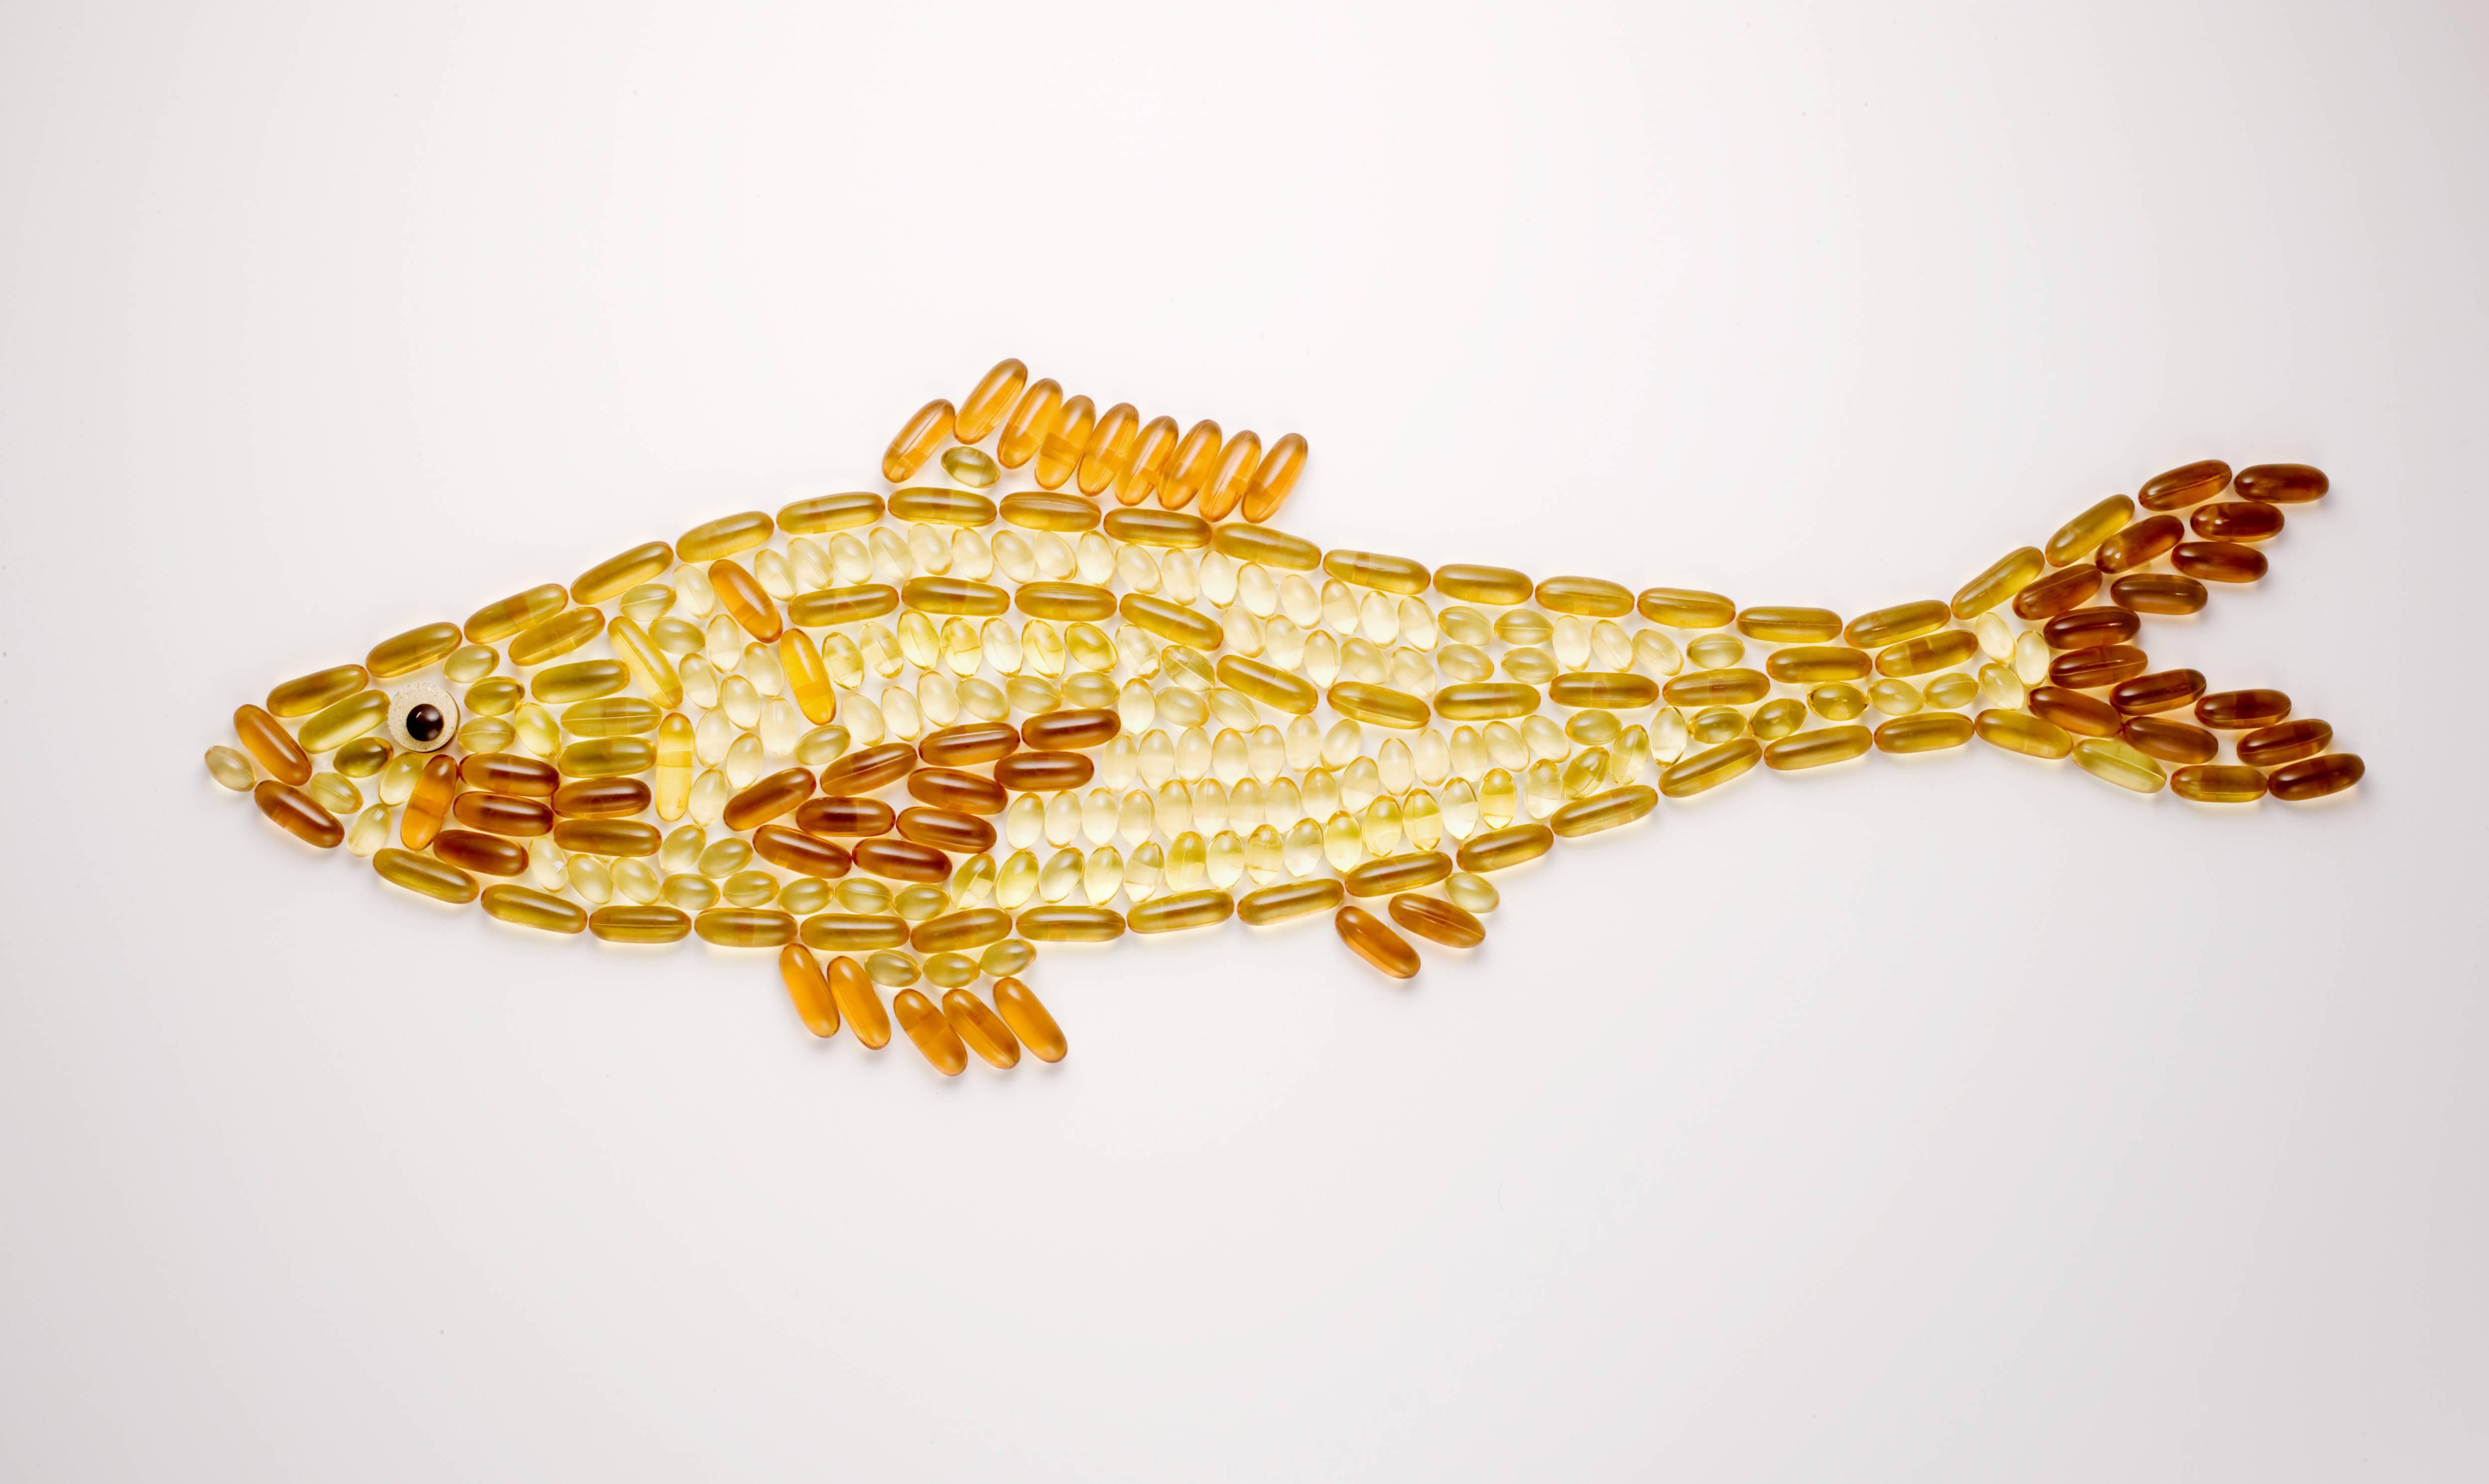 fish oil Amarin Vascepa